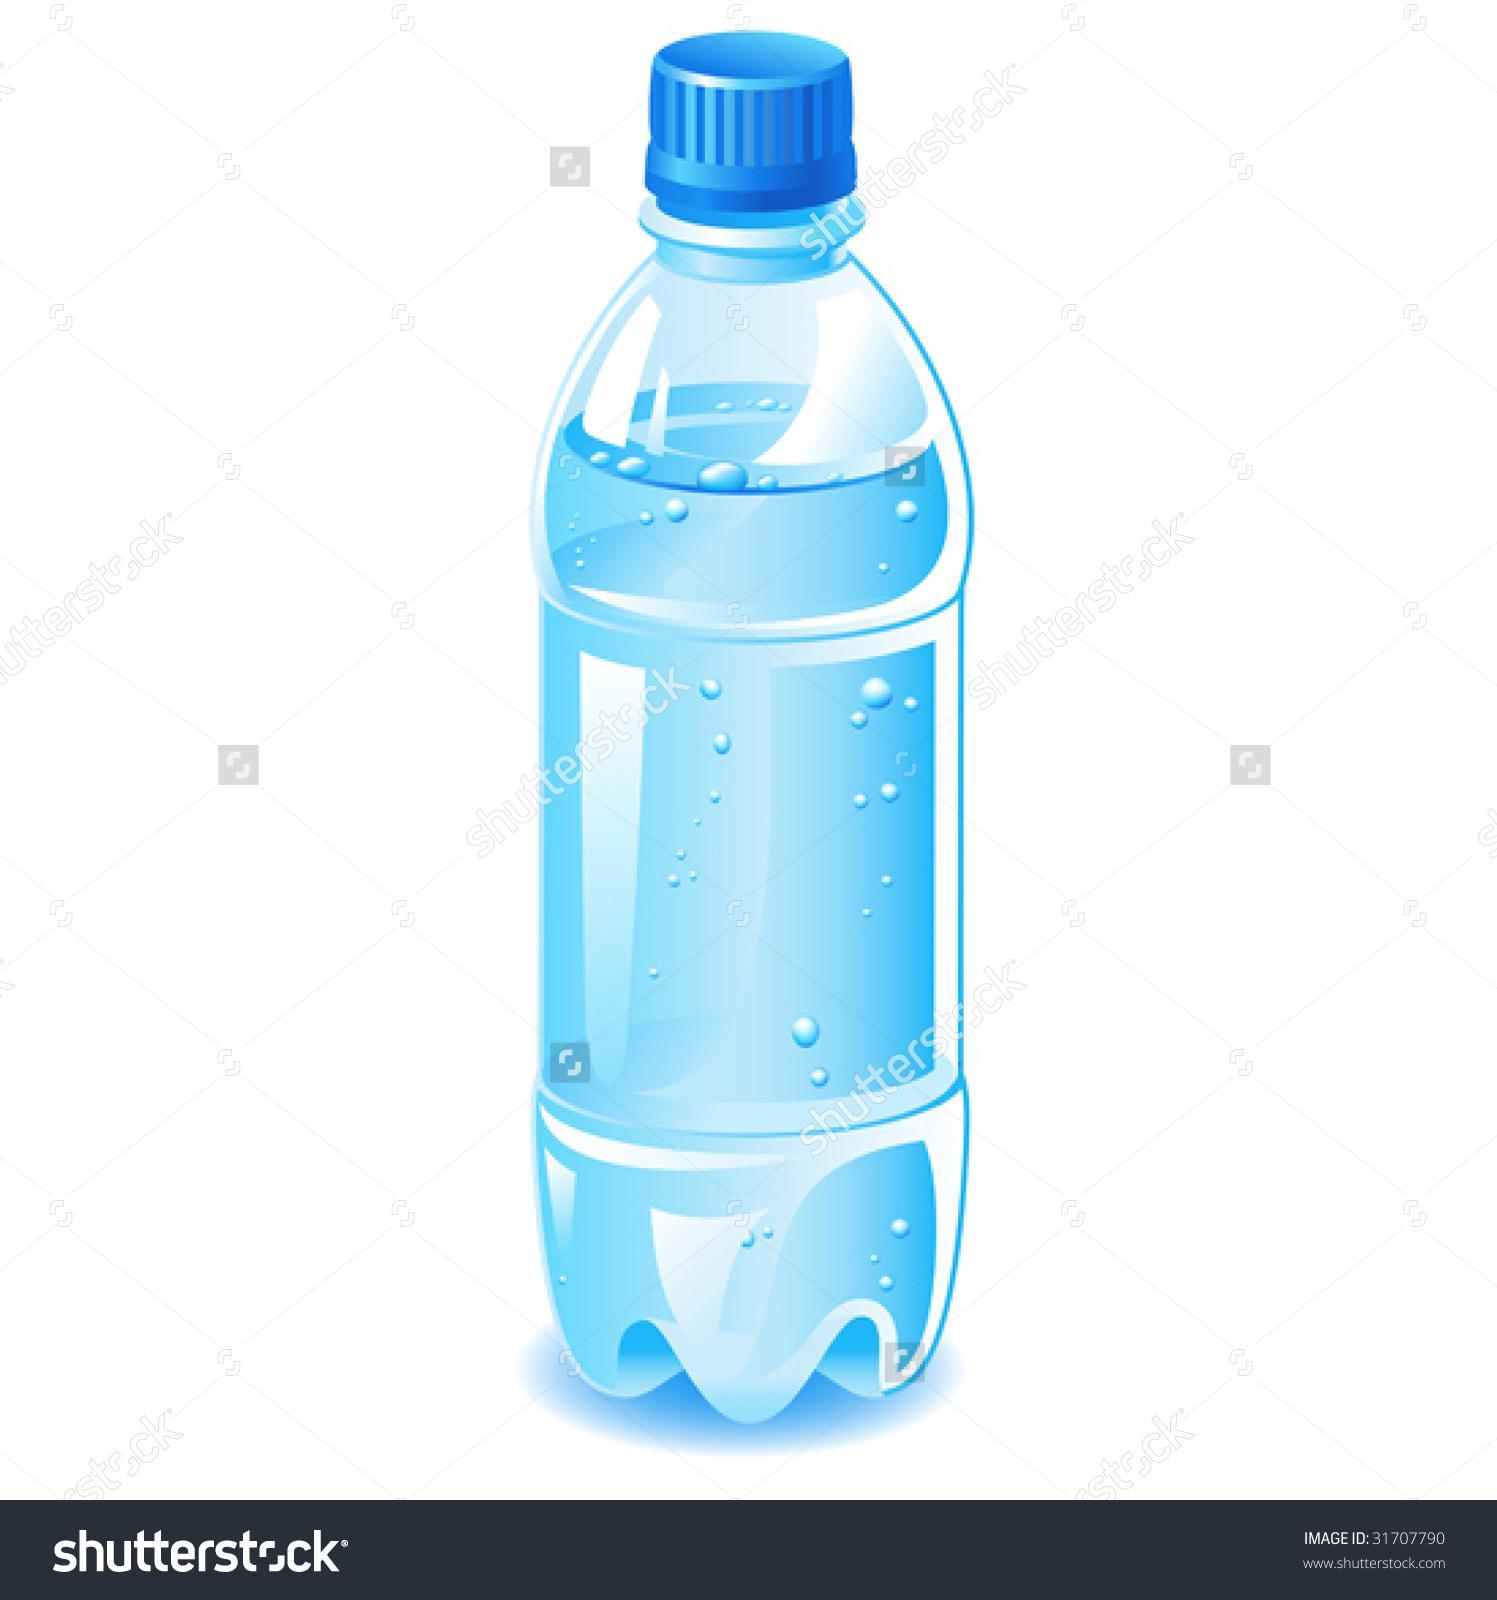 Plastic Bottles Clipart (69+).